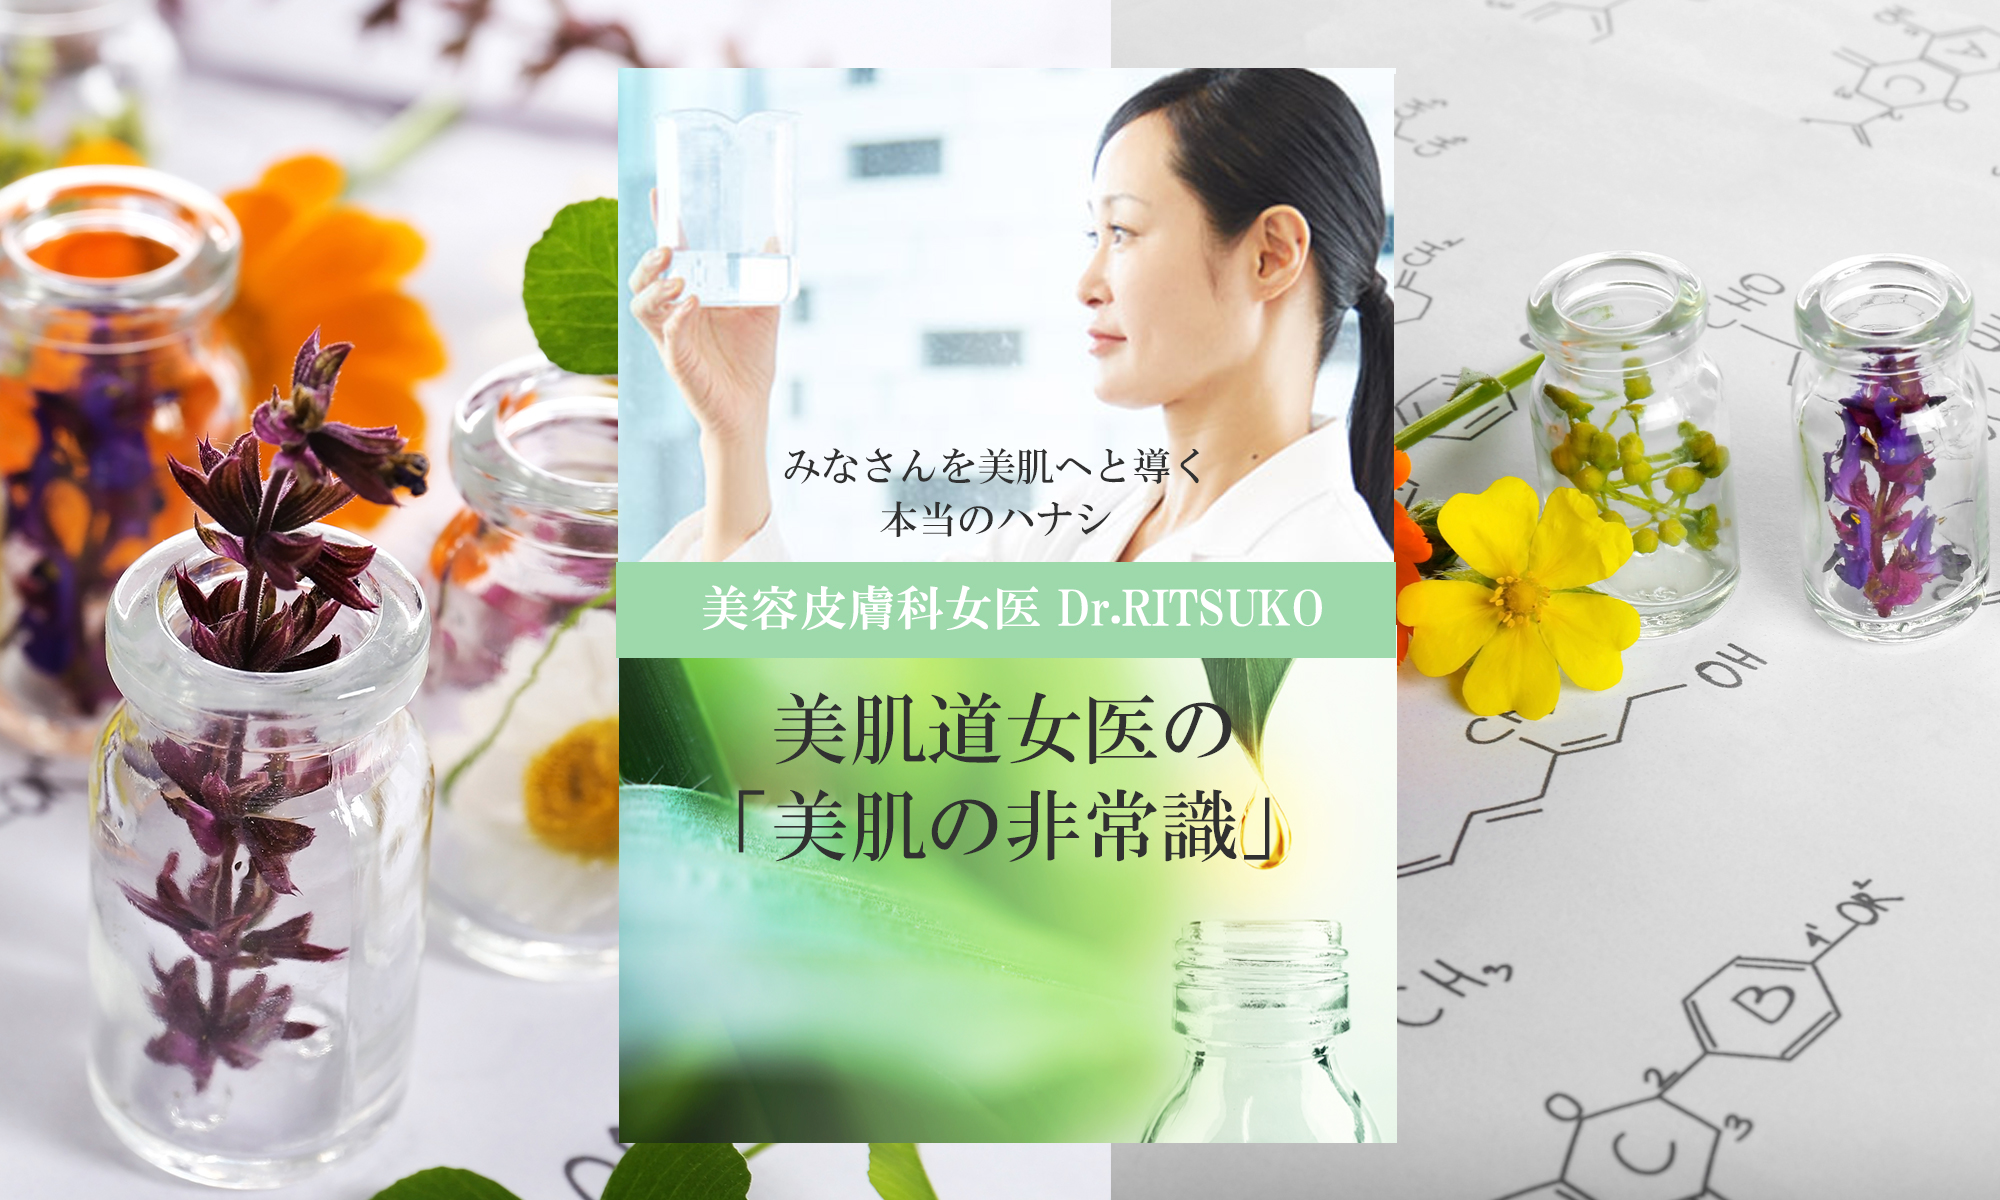 美肌の非常識-美肌道コスメ開発者 Dr.RITSUKOのブログ